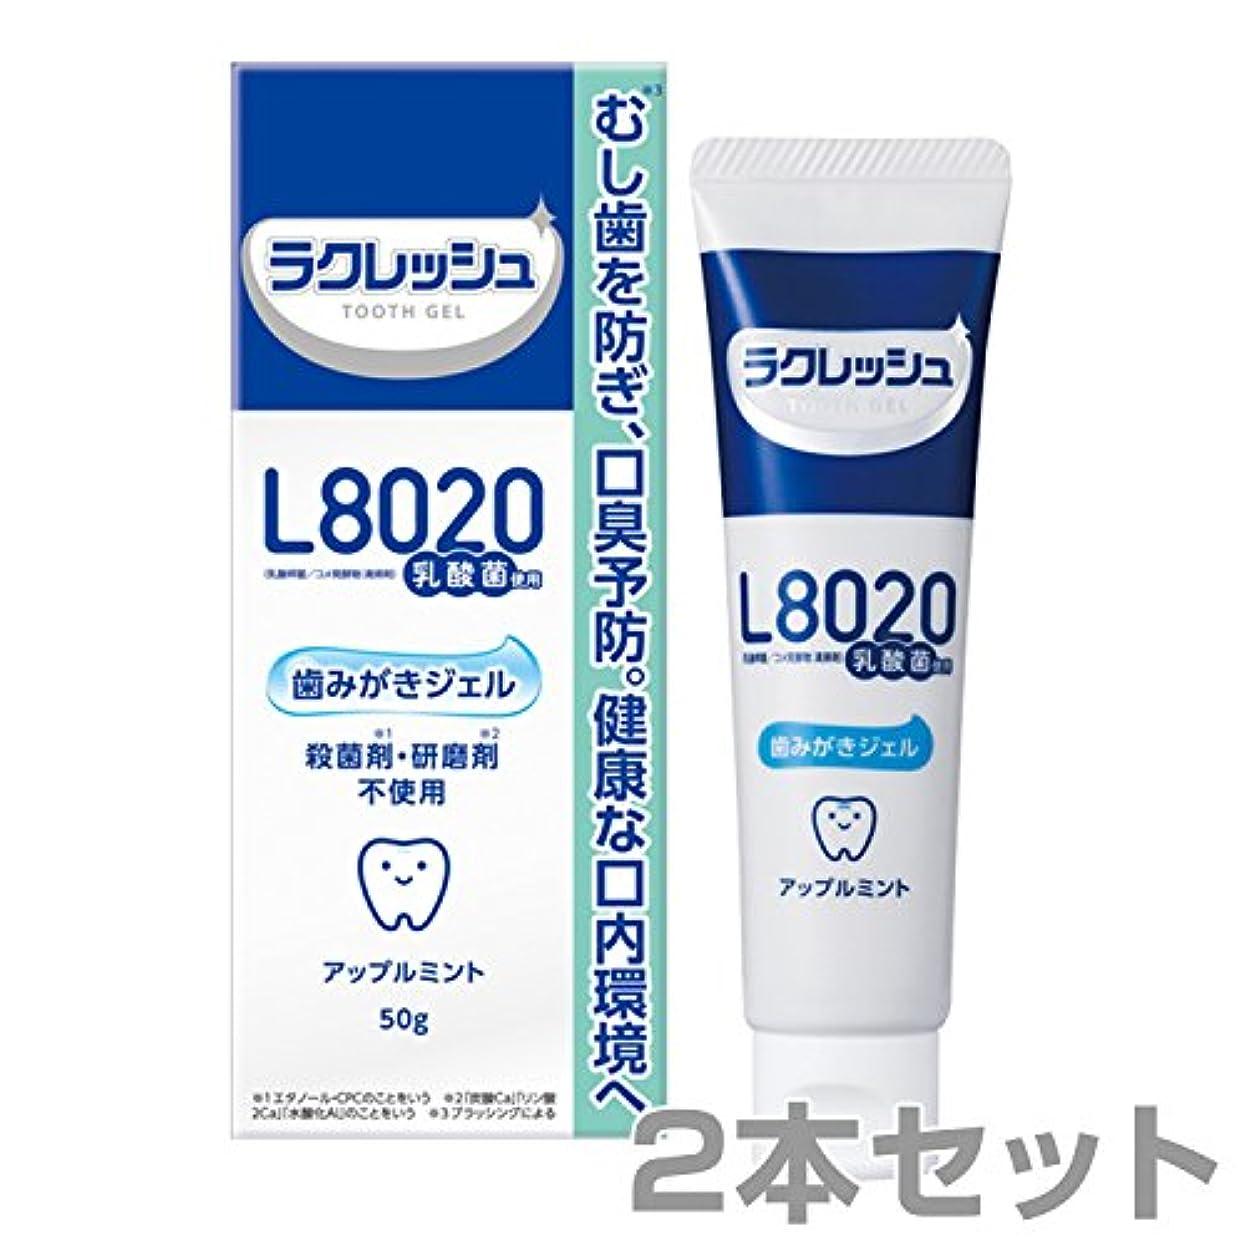 ヒューマニスティックちらつき重力ジェクス(JEX) ラクレッシュ L8020 乳酸菌 歯みがきジェル (50g) 2本セット アップルミント風味